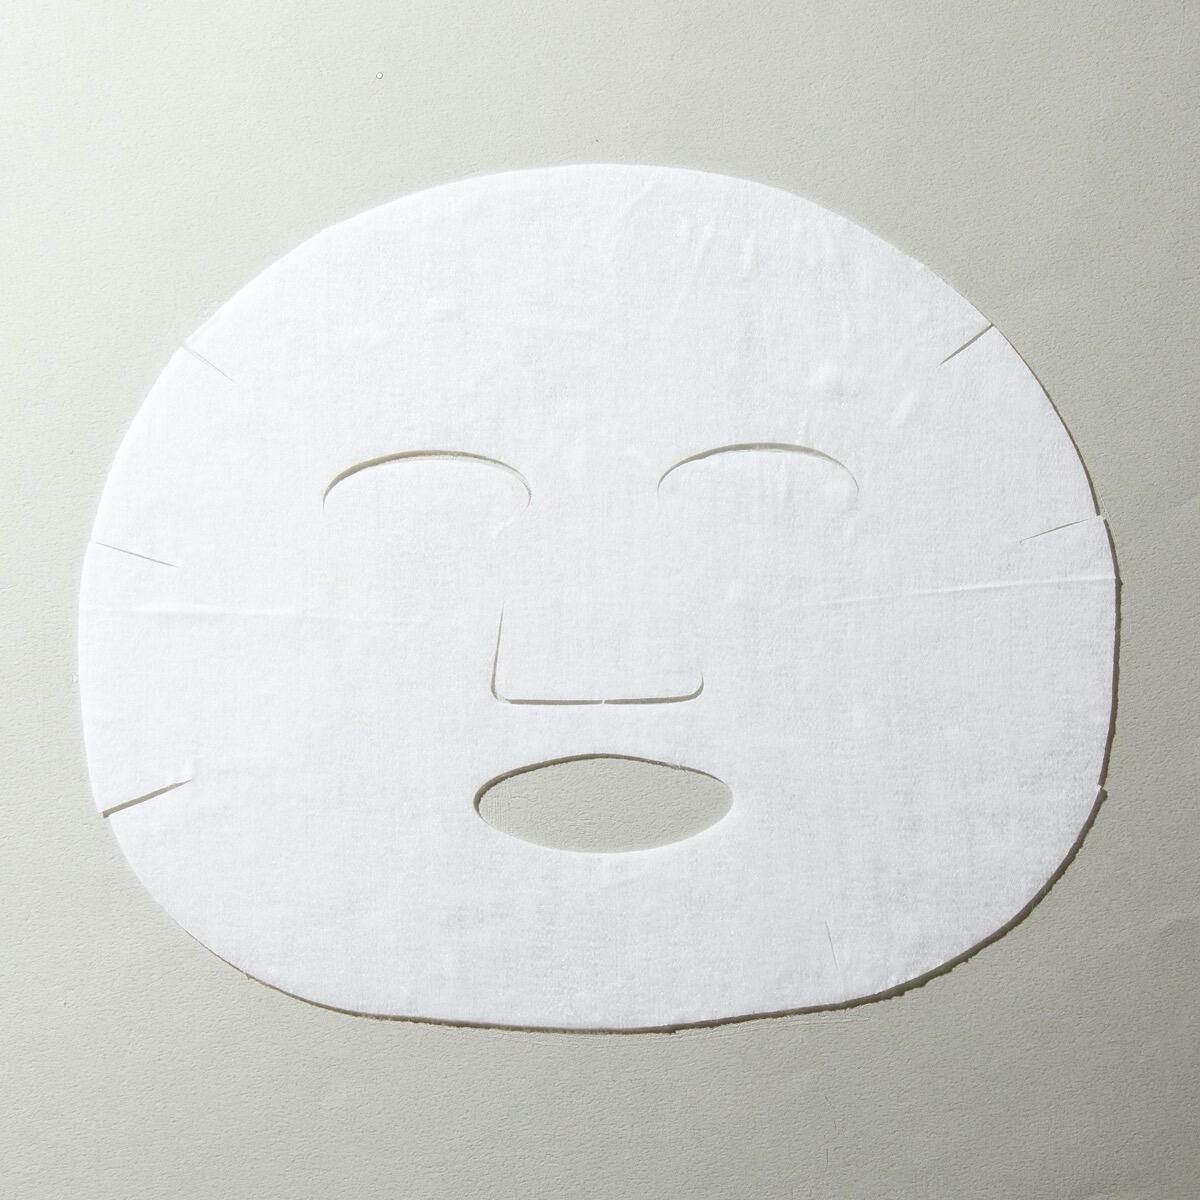 3分間の時短ケア、QUALITY 1ST(クオリティファースト)『オールインワンシートマスク グランホワイト』の使用感をレポに関する画像4